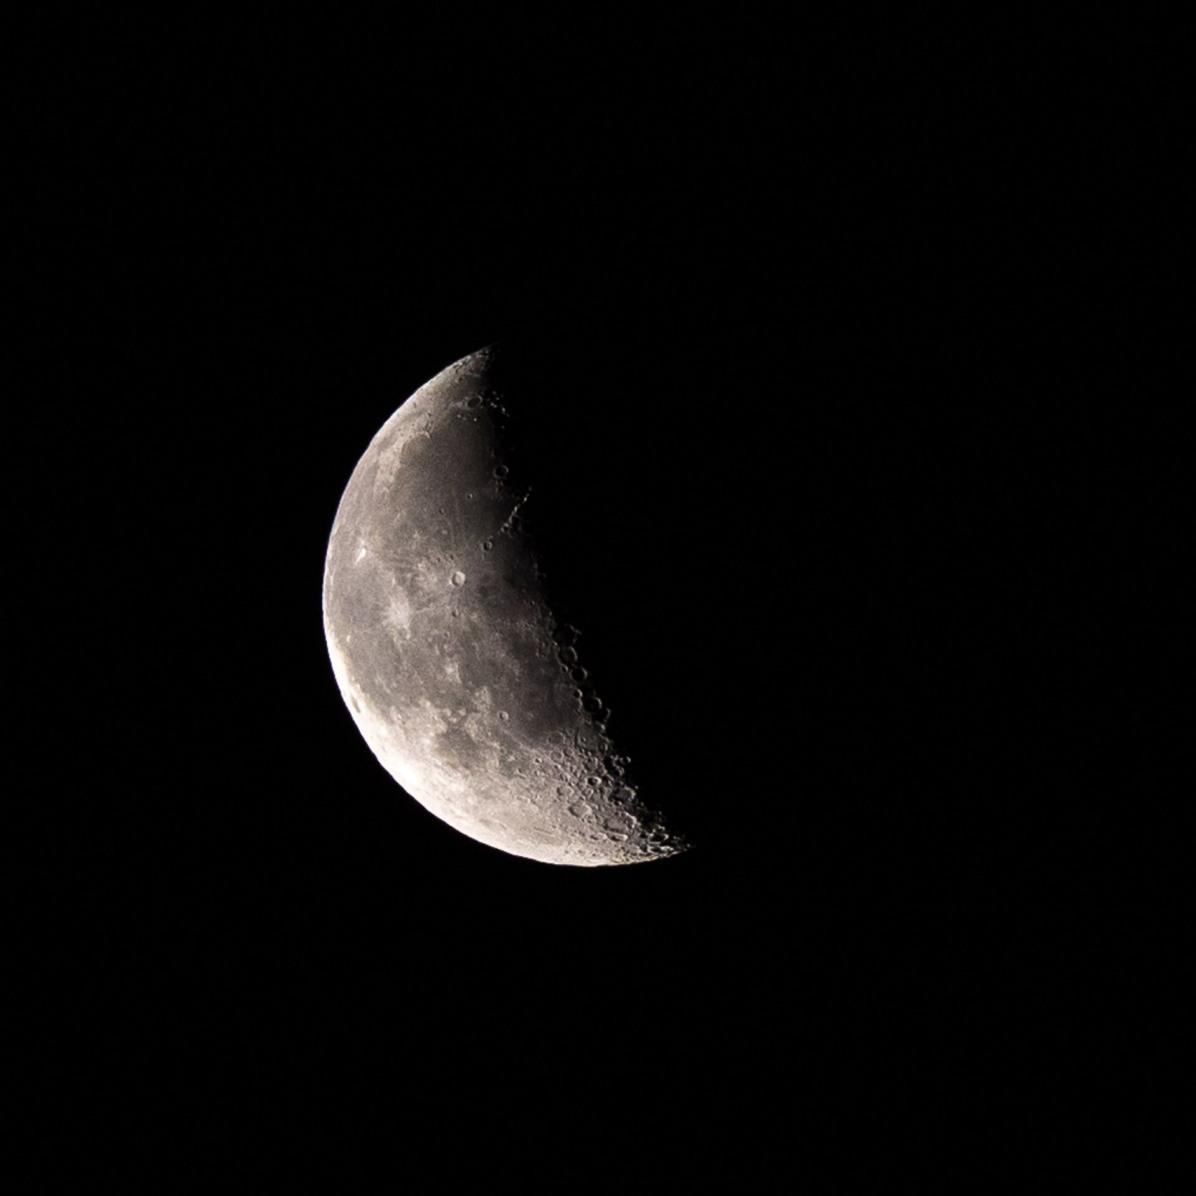 Laatste kwartier, dag 8 vanaf volle maan. 27-02-2019 Tijdstip: 5.47 uur Maanopkomst 2.58 Maanondergang 11.37 (Maan 8)